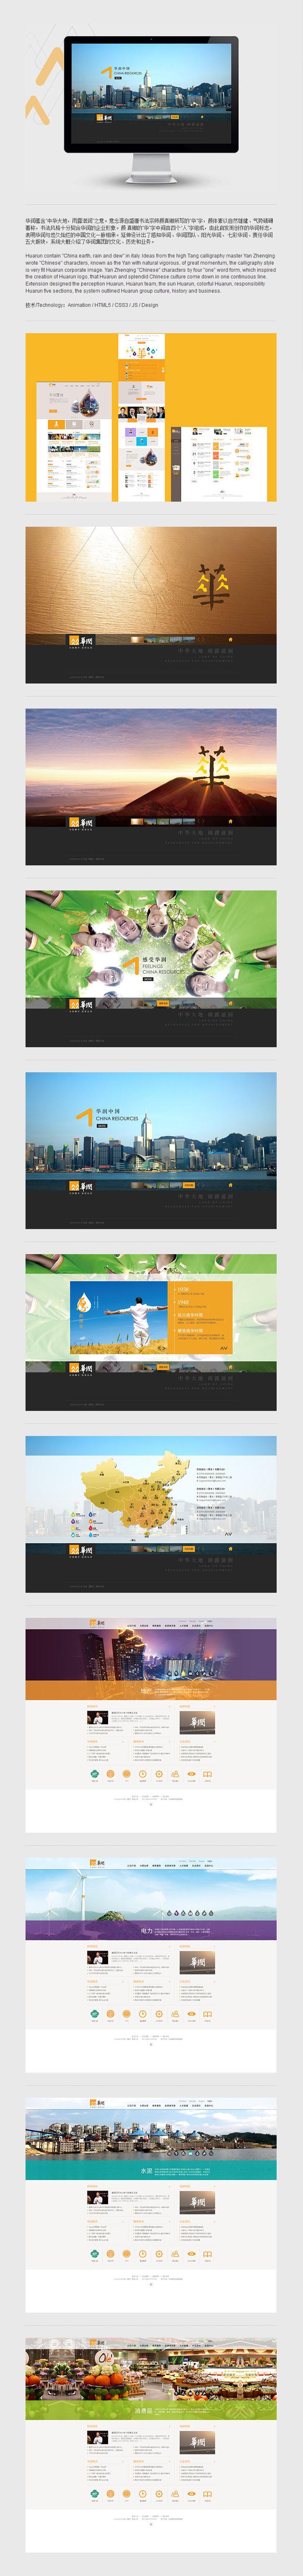 华润集团网站设计图0